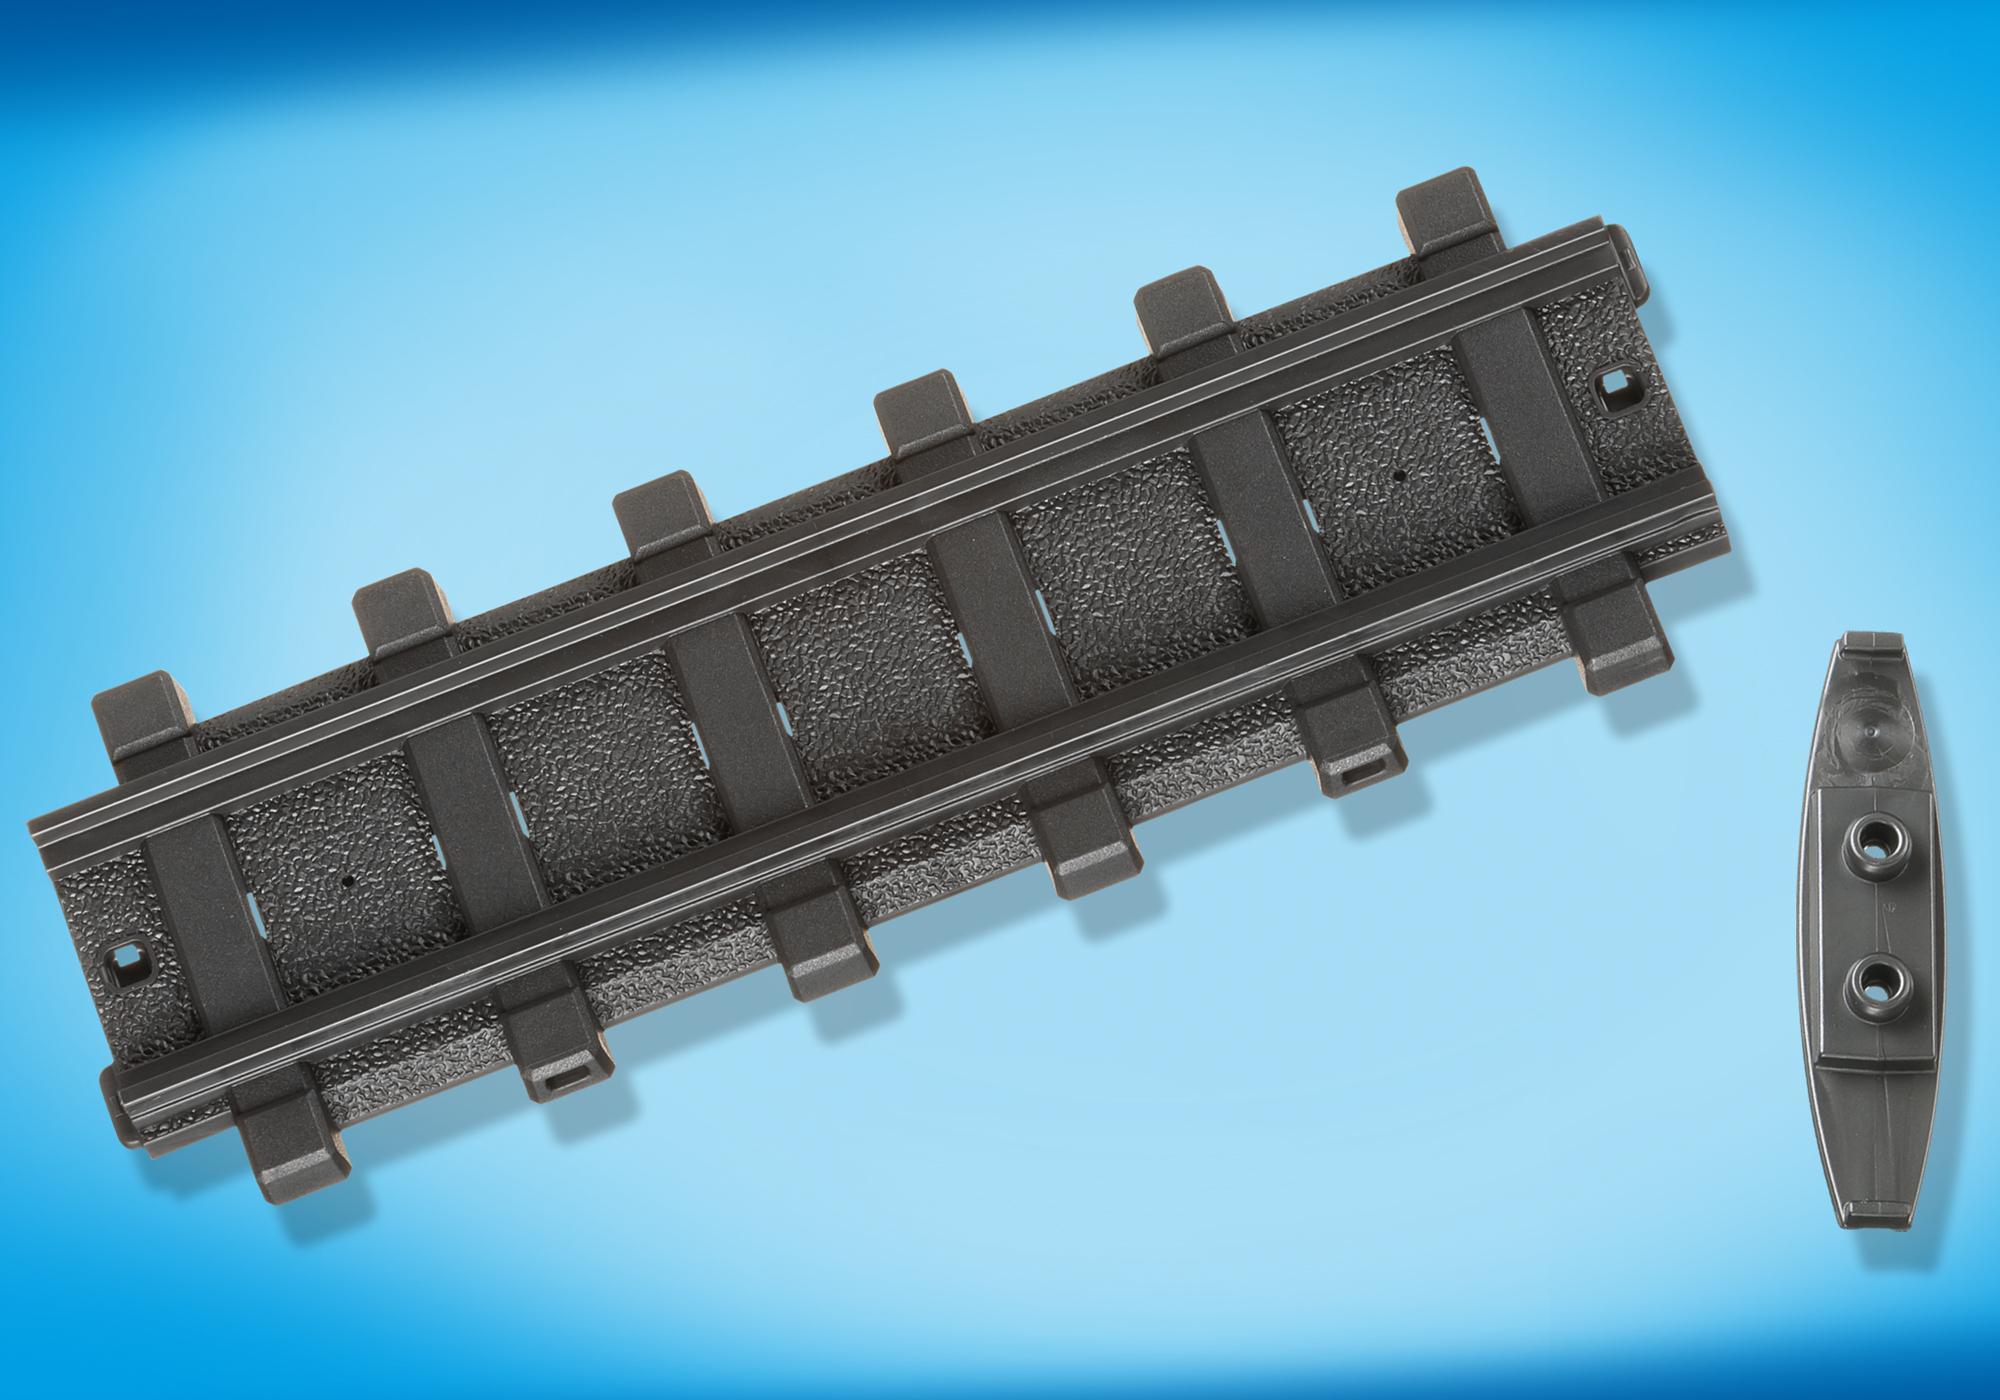 http://media.playmobil.com/i/playmobil/4384_product_detail/12 Gleise gerade